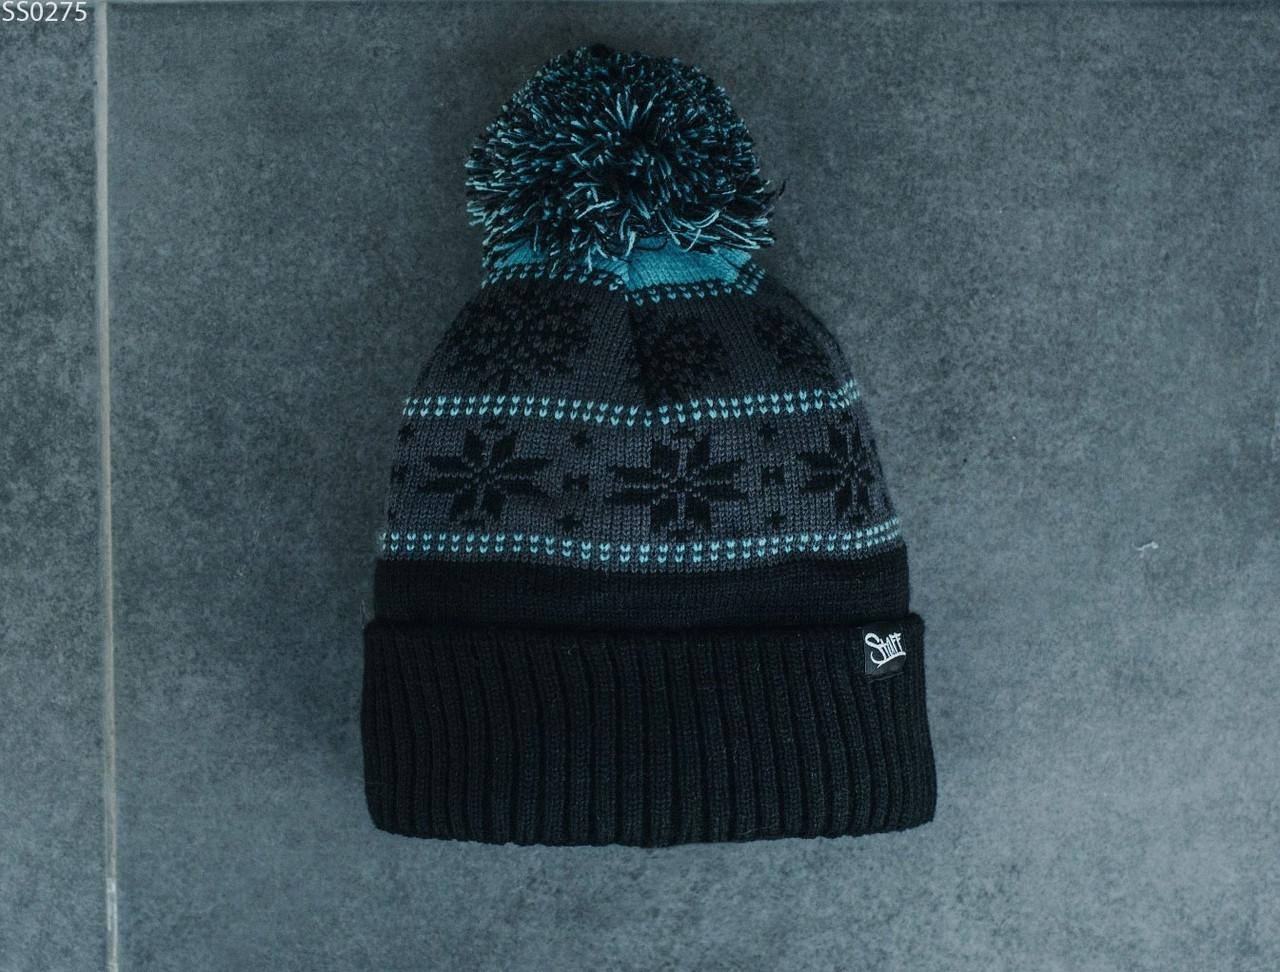 Шапка Staff black & blue